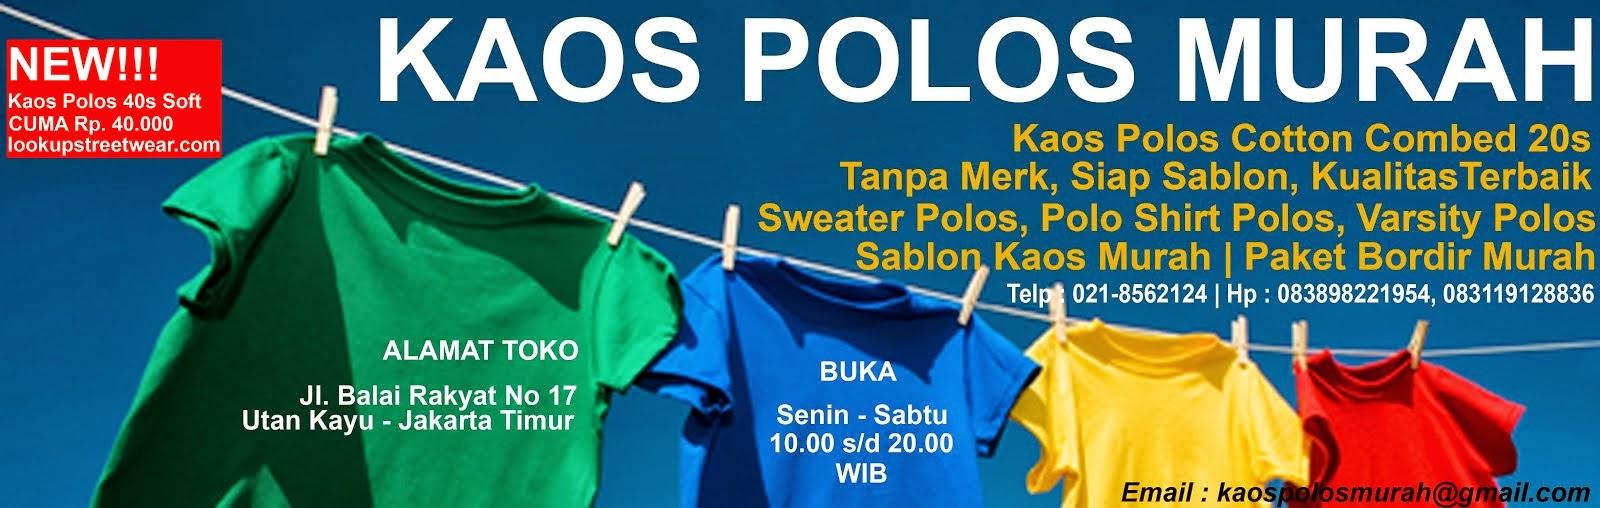 KPM Kaos Polos Murah - Konveksi kaos polos jaket varsity baseball grosir kaos polos konveksi murah